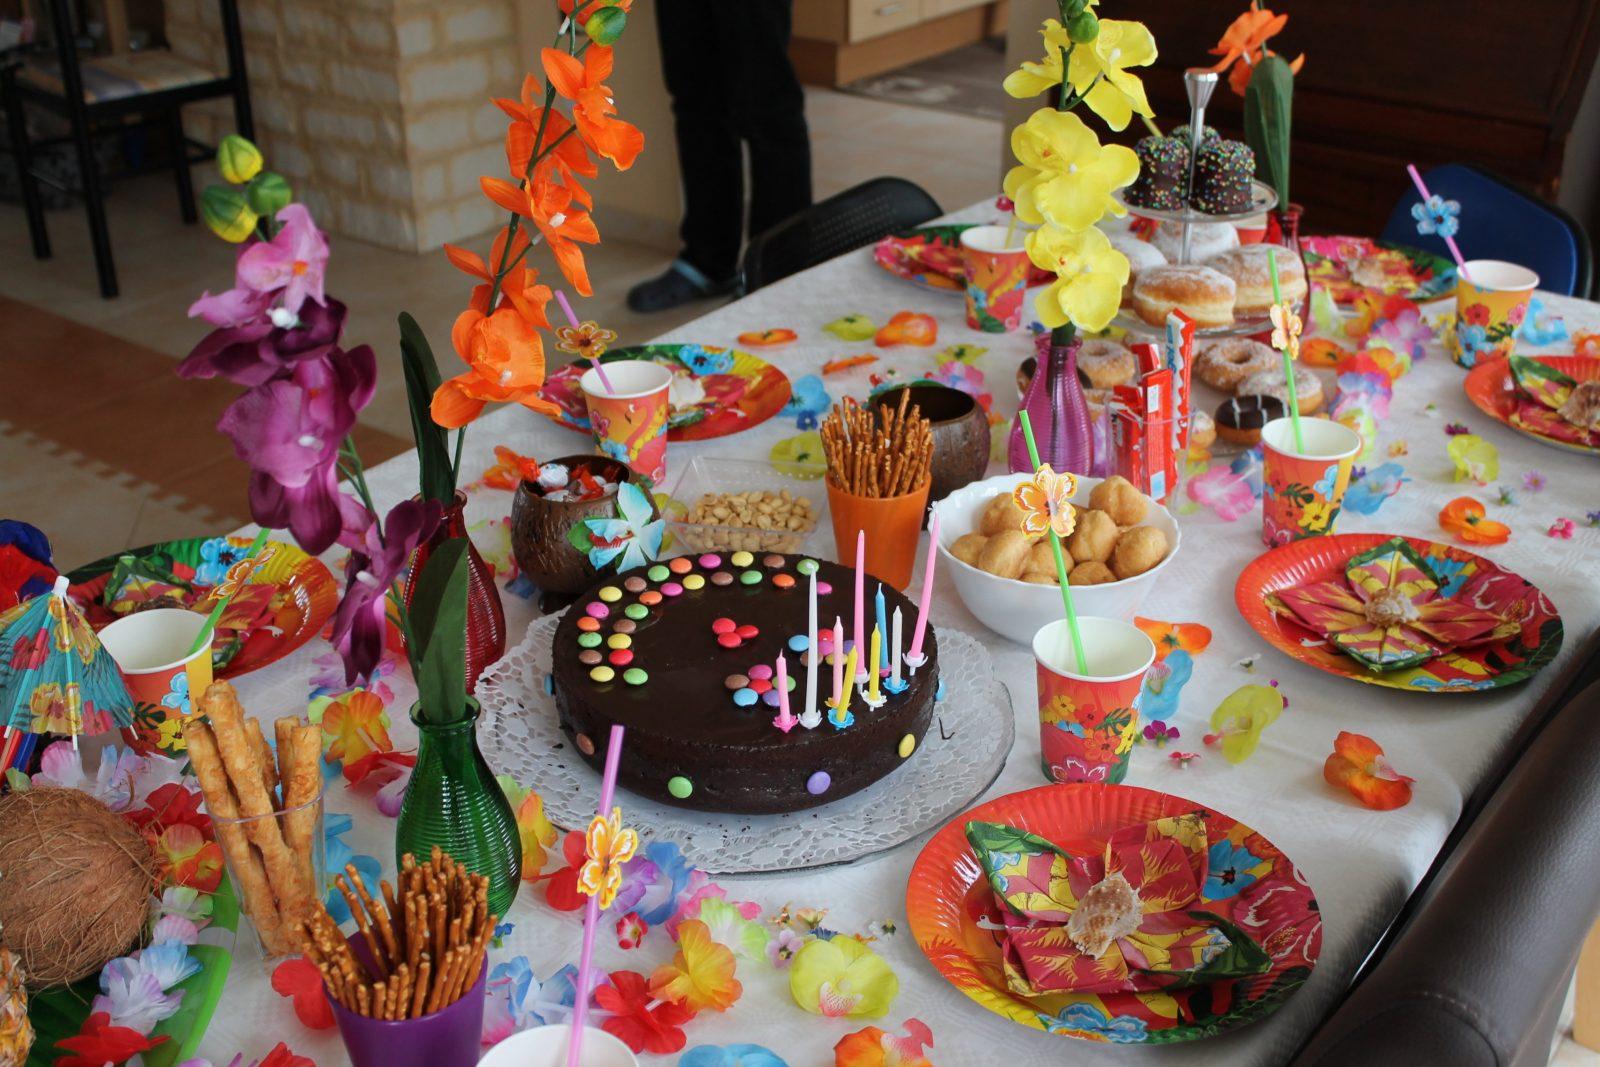 Hawaii Party Deko Selber Machen  Egebtuta von Tischdeko Kindergeburtstag Selber Basteln Bild